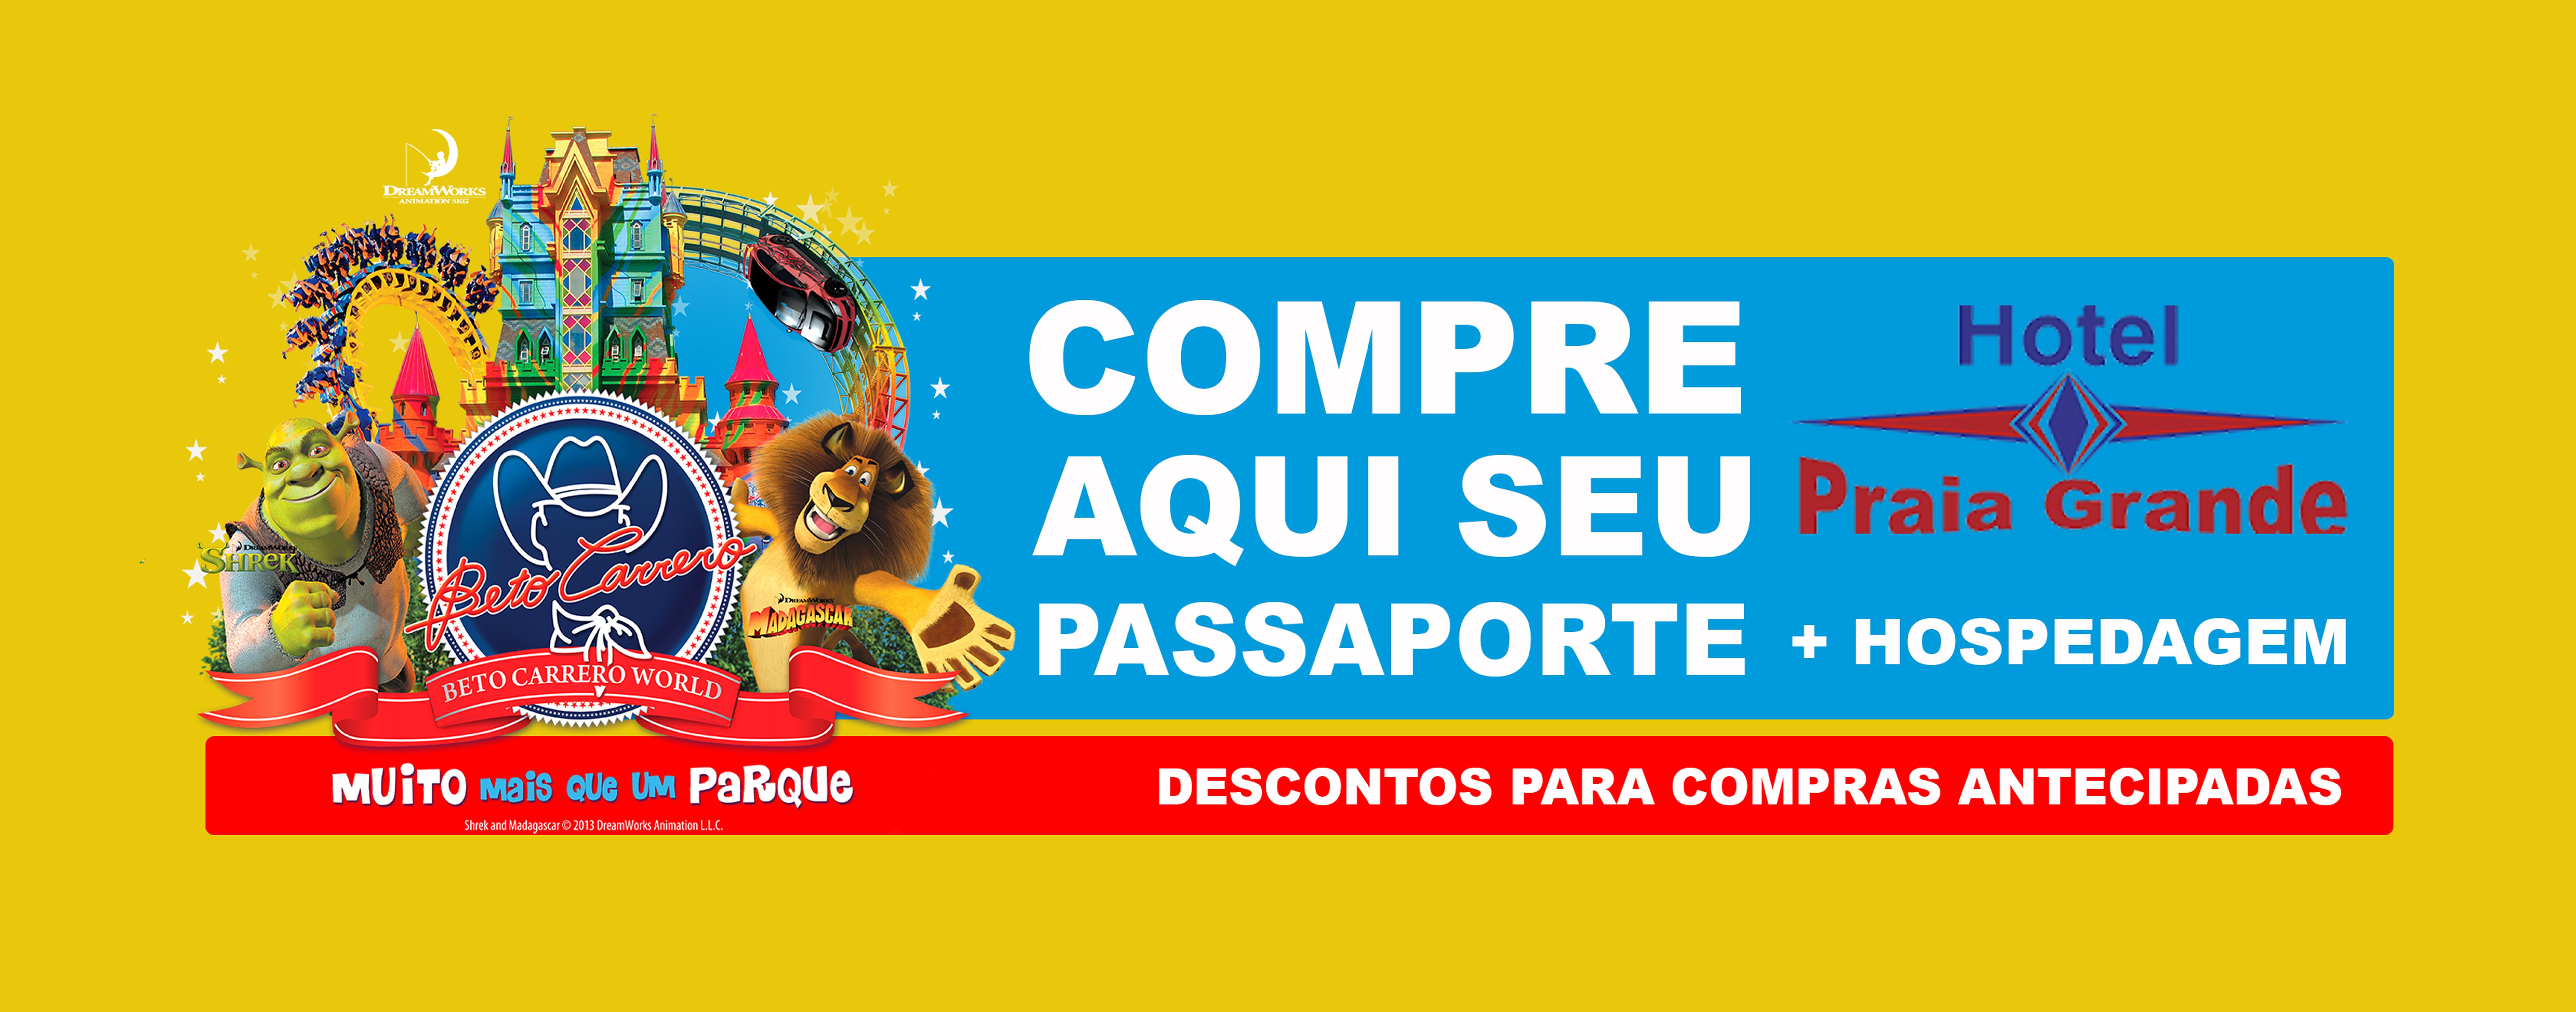 COMPRE PASSAPORTE